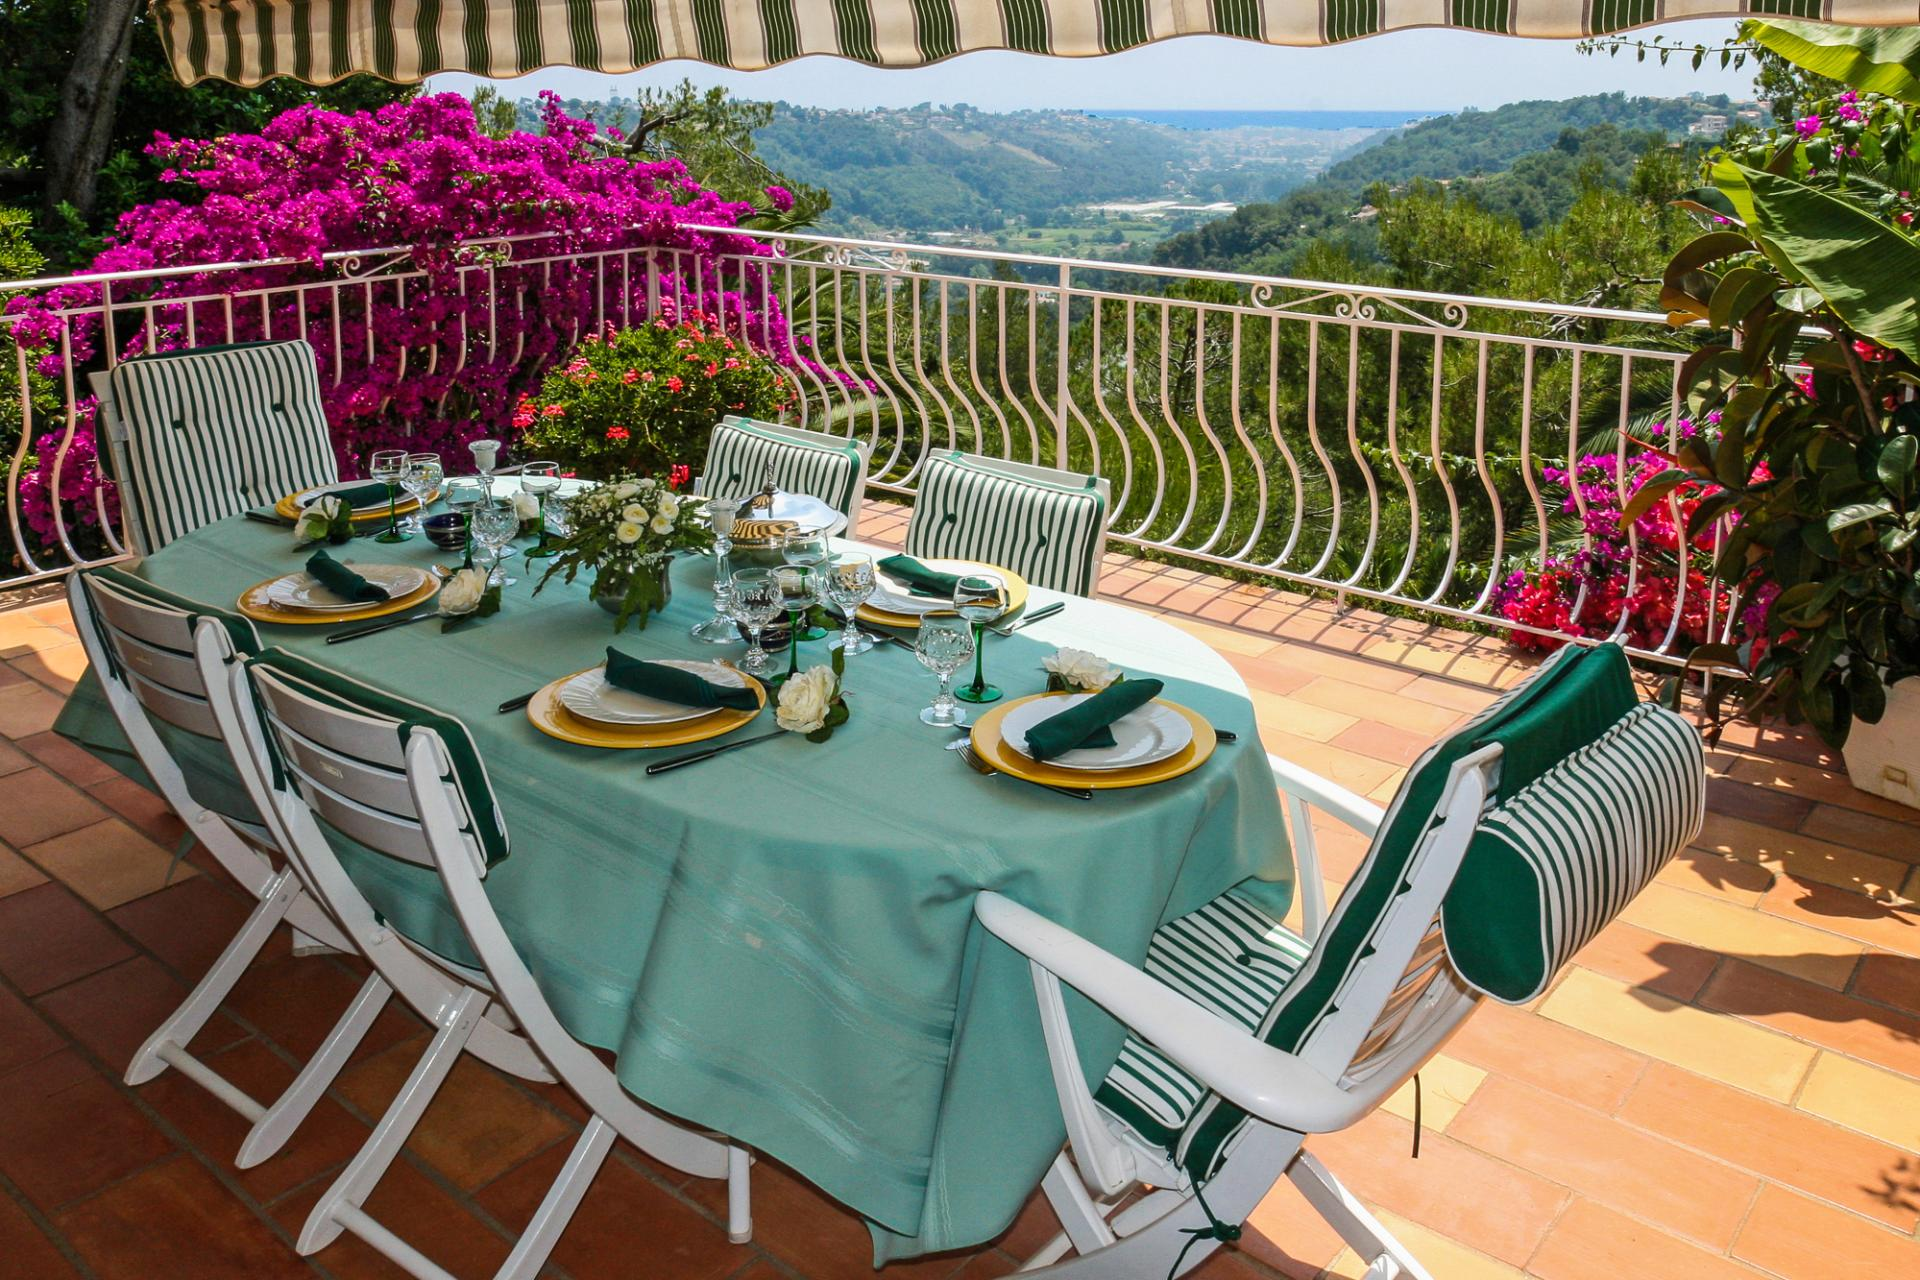 Outdoor Dining Table, La Bergerie, Vence, Cote d'Azur.